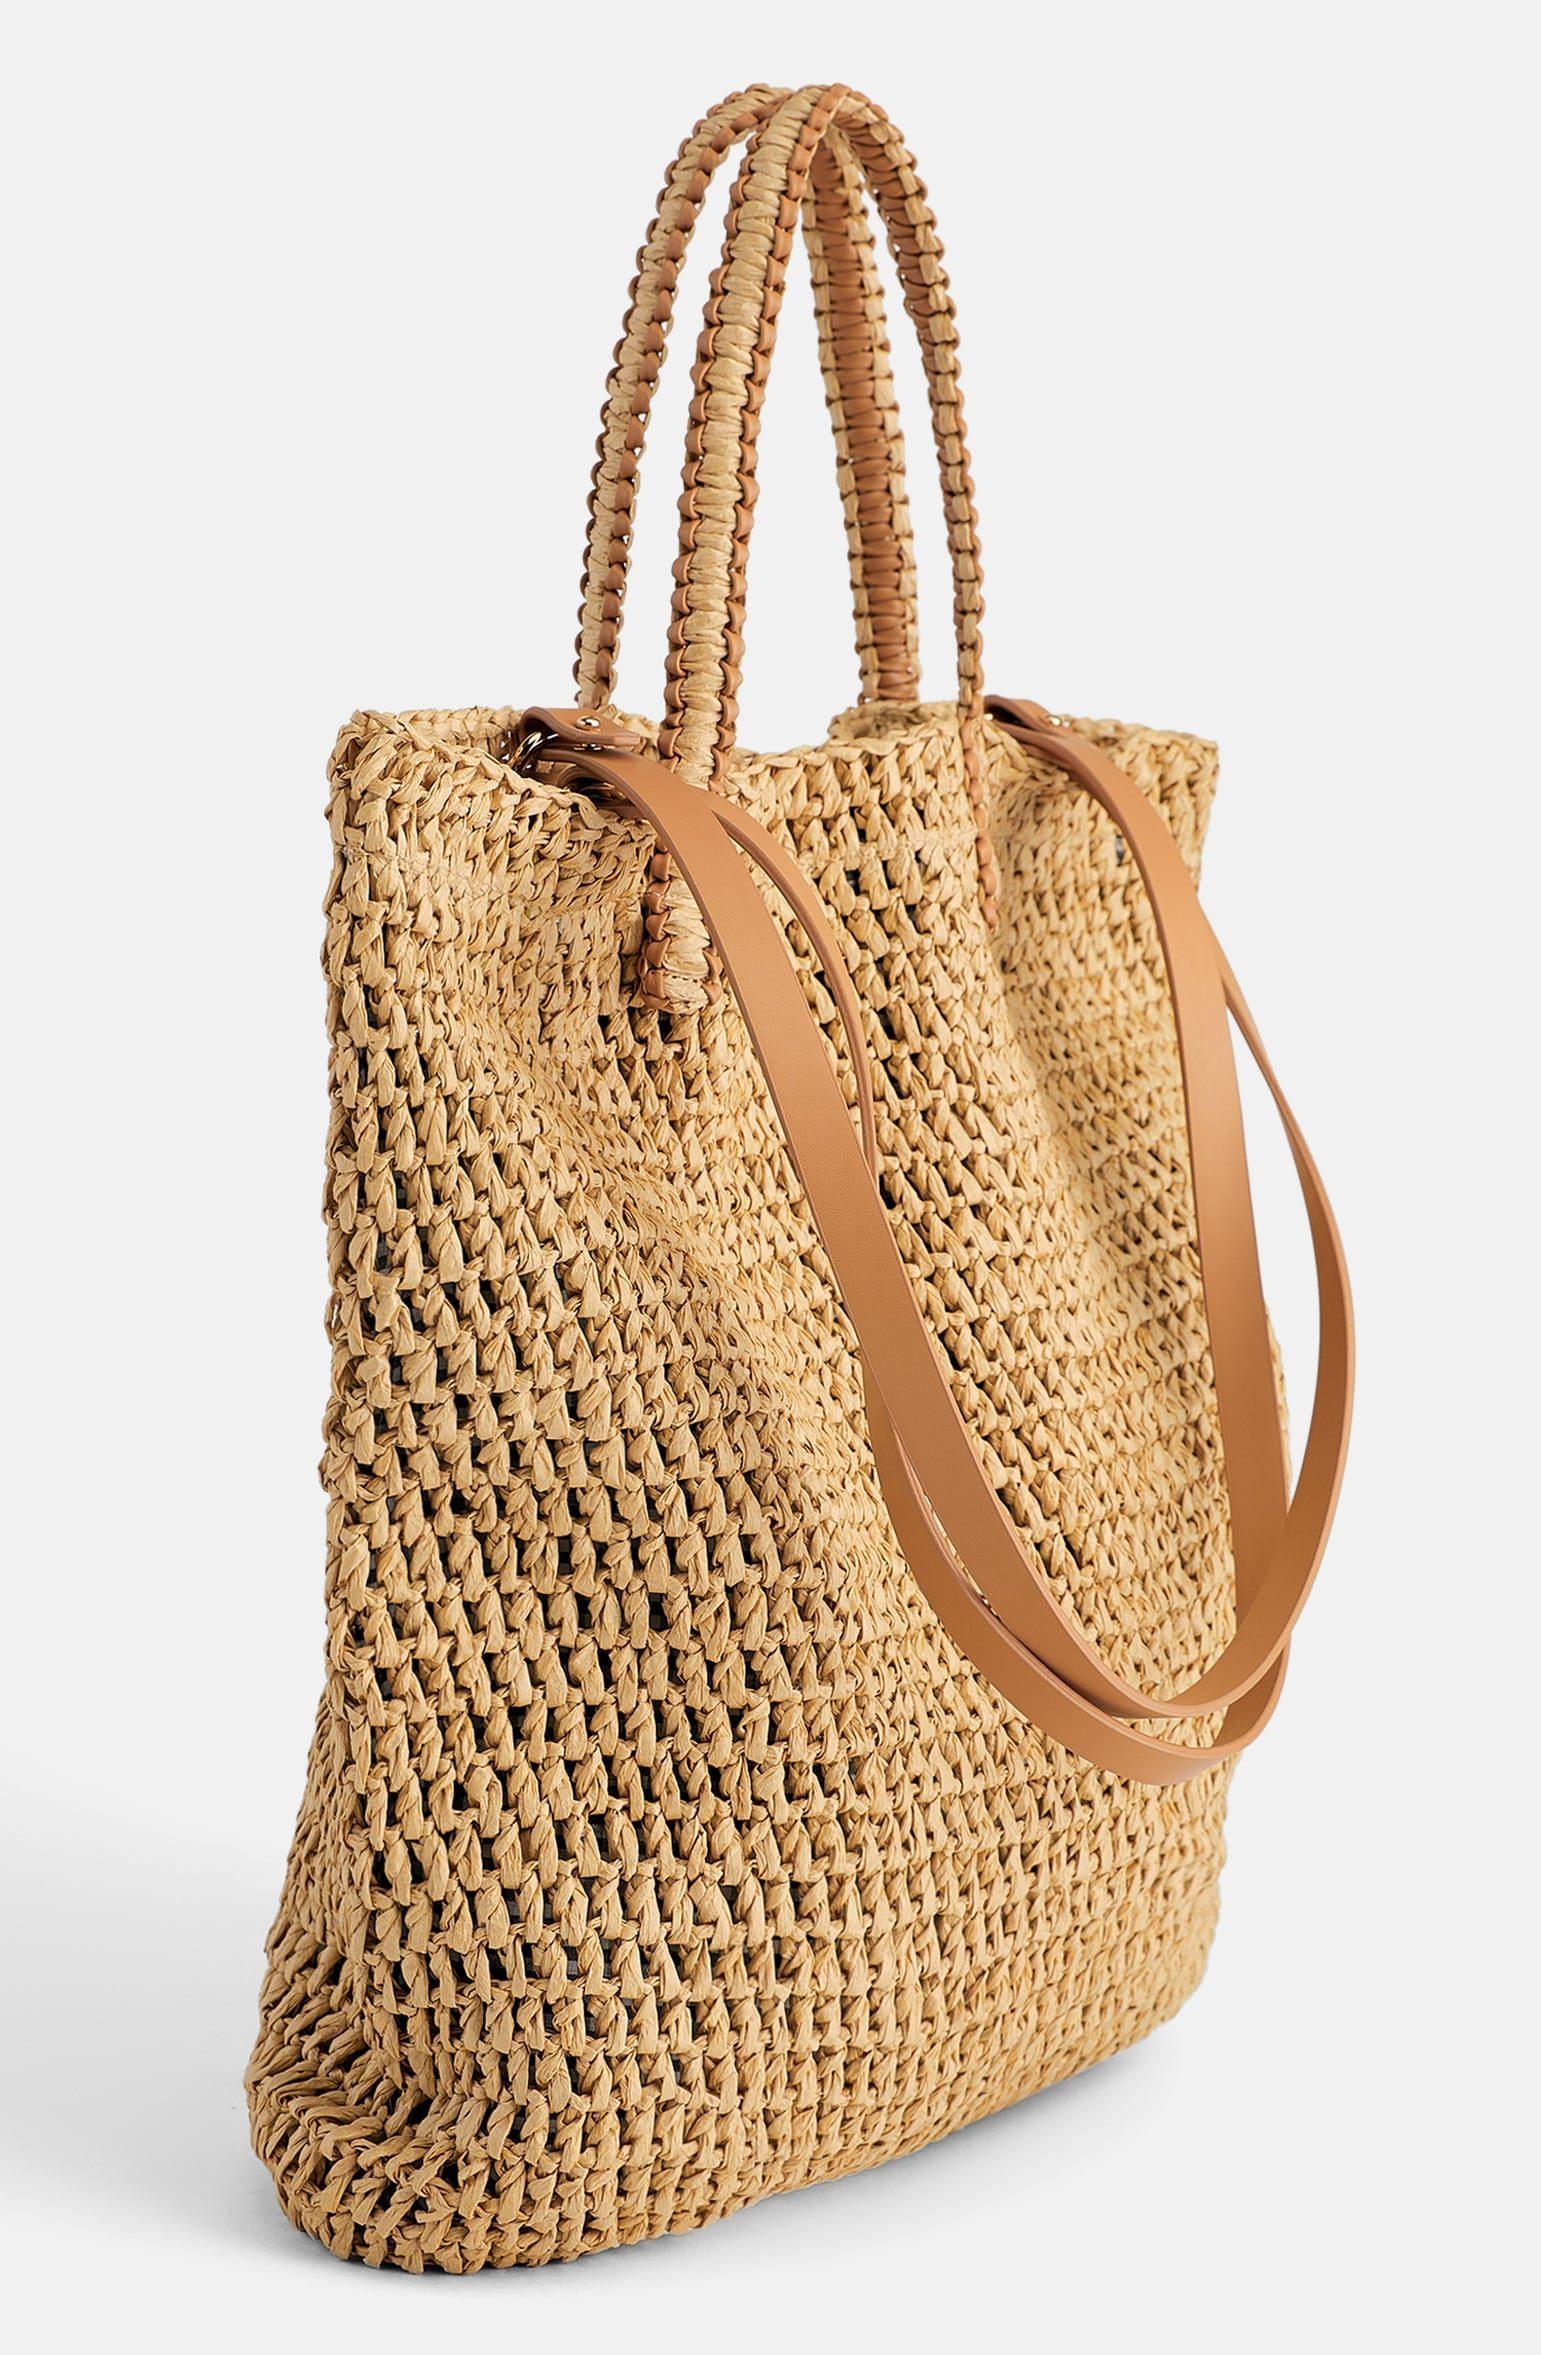 taske, flettaske, strandtaske, shopper, shoppingtaske, sommer